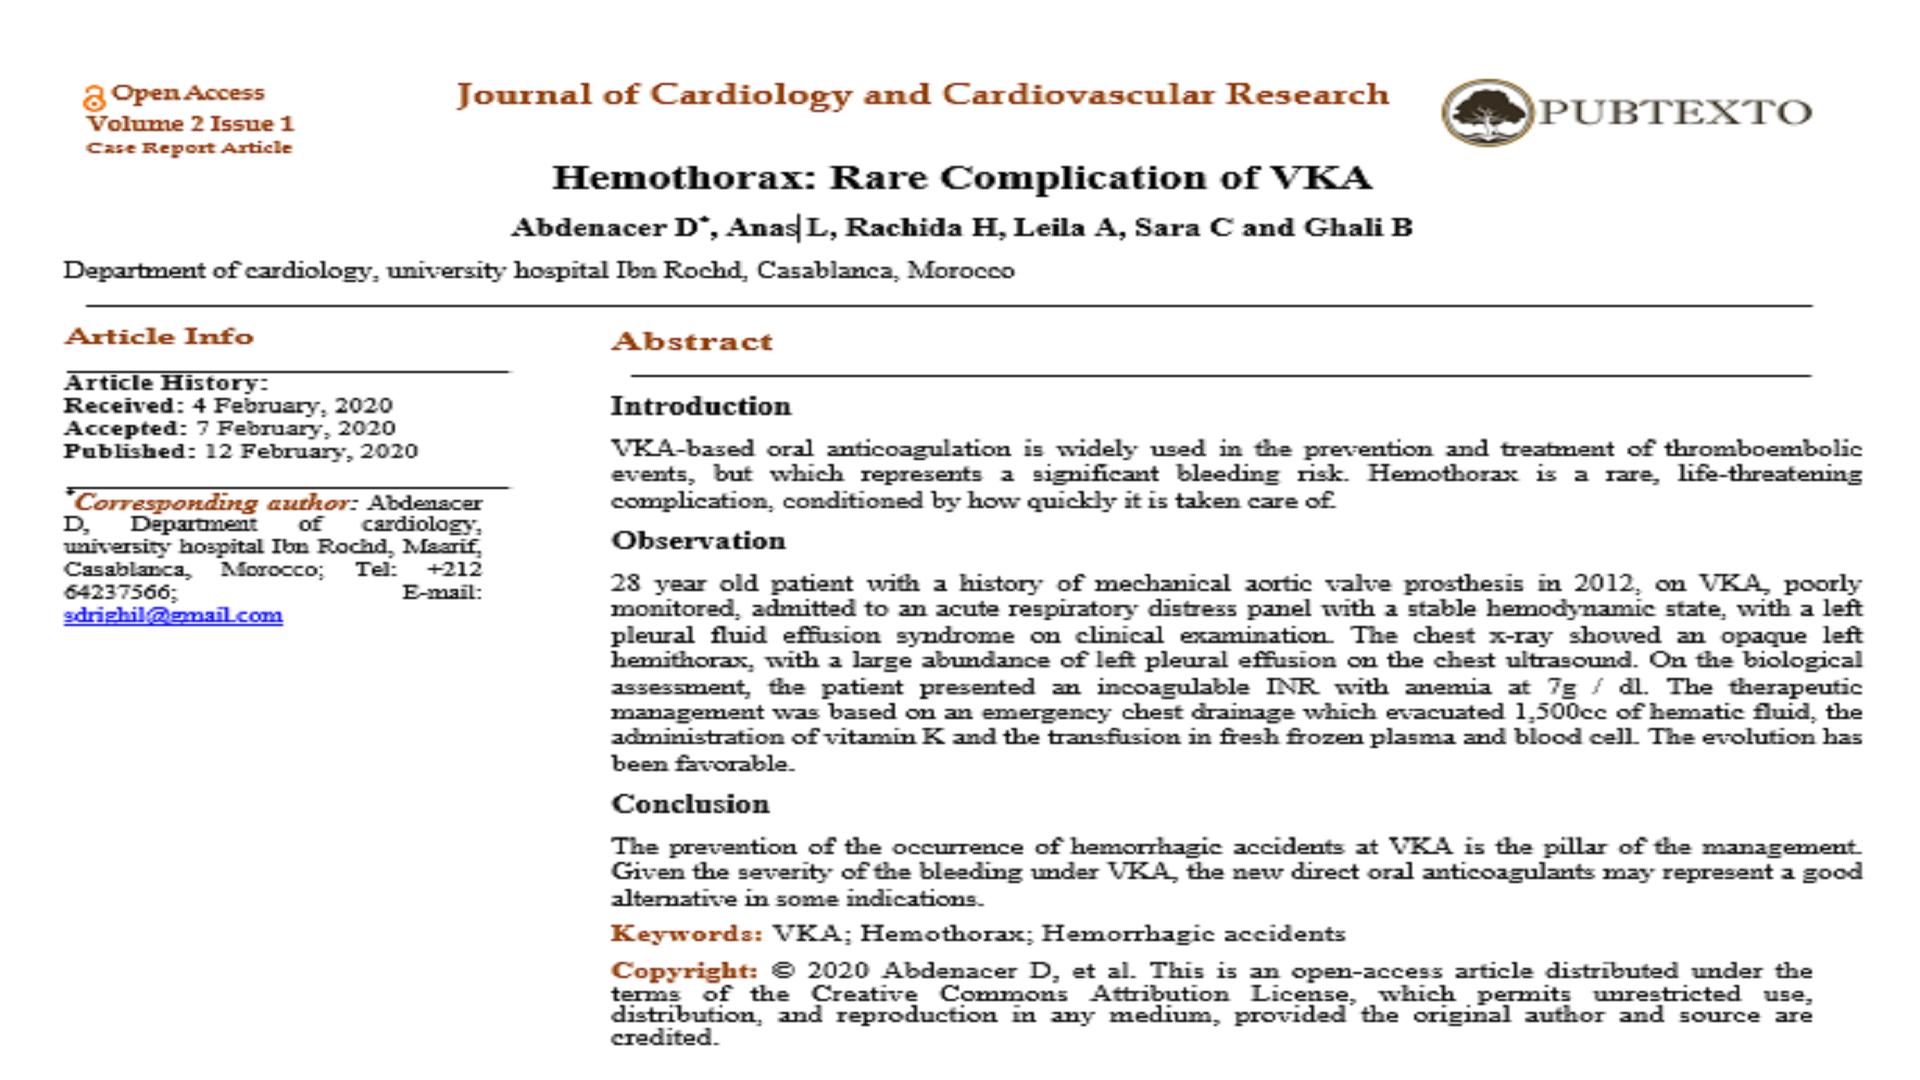 Hemothorax: Rare Complication of VKA